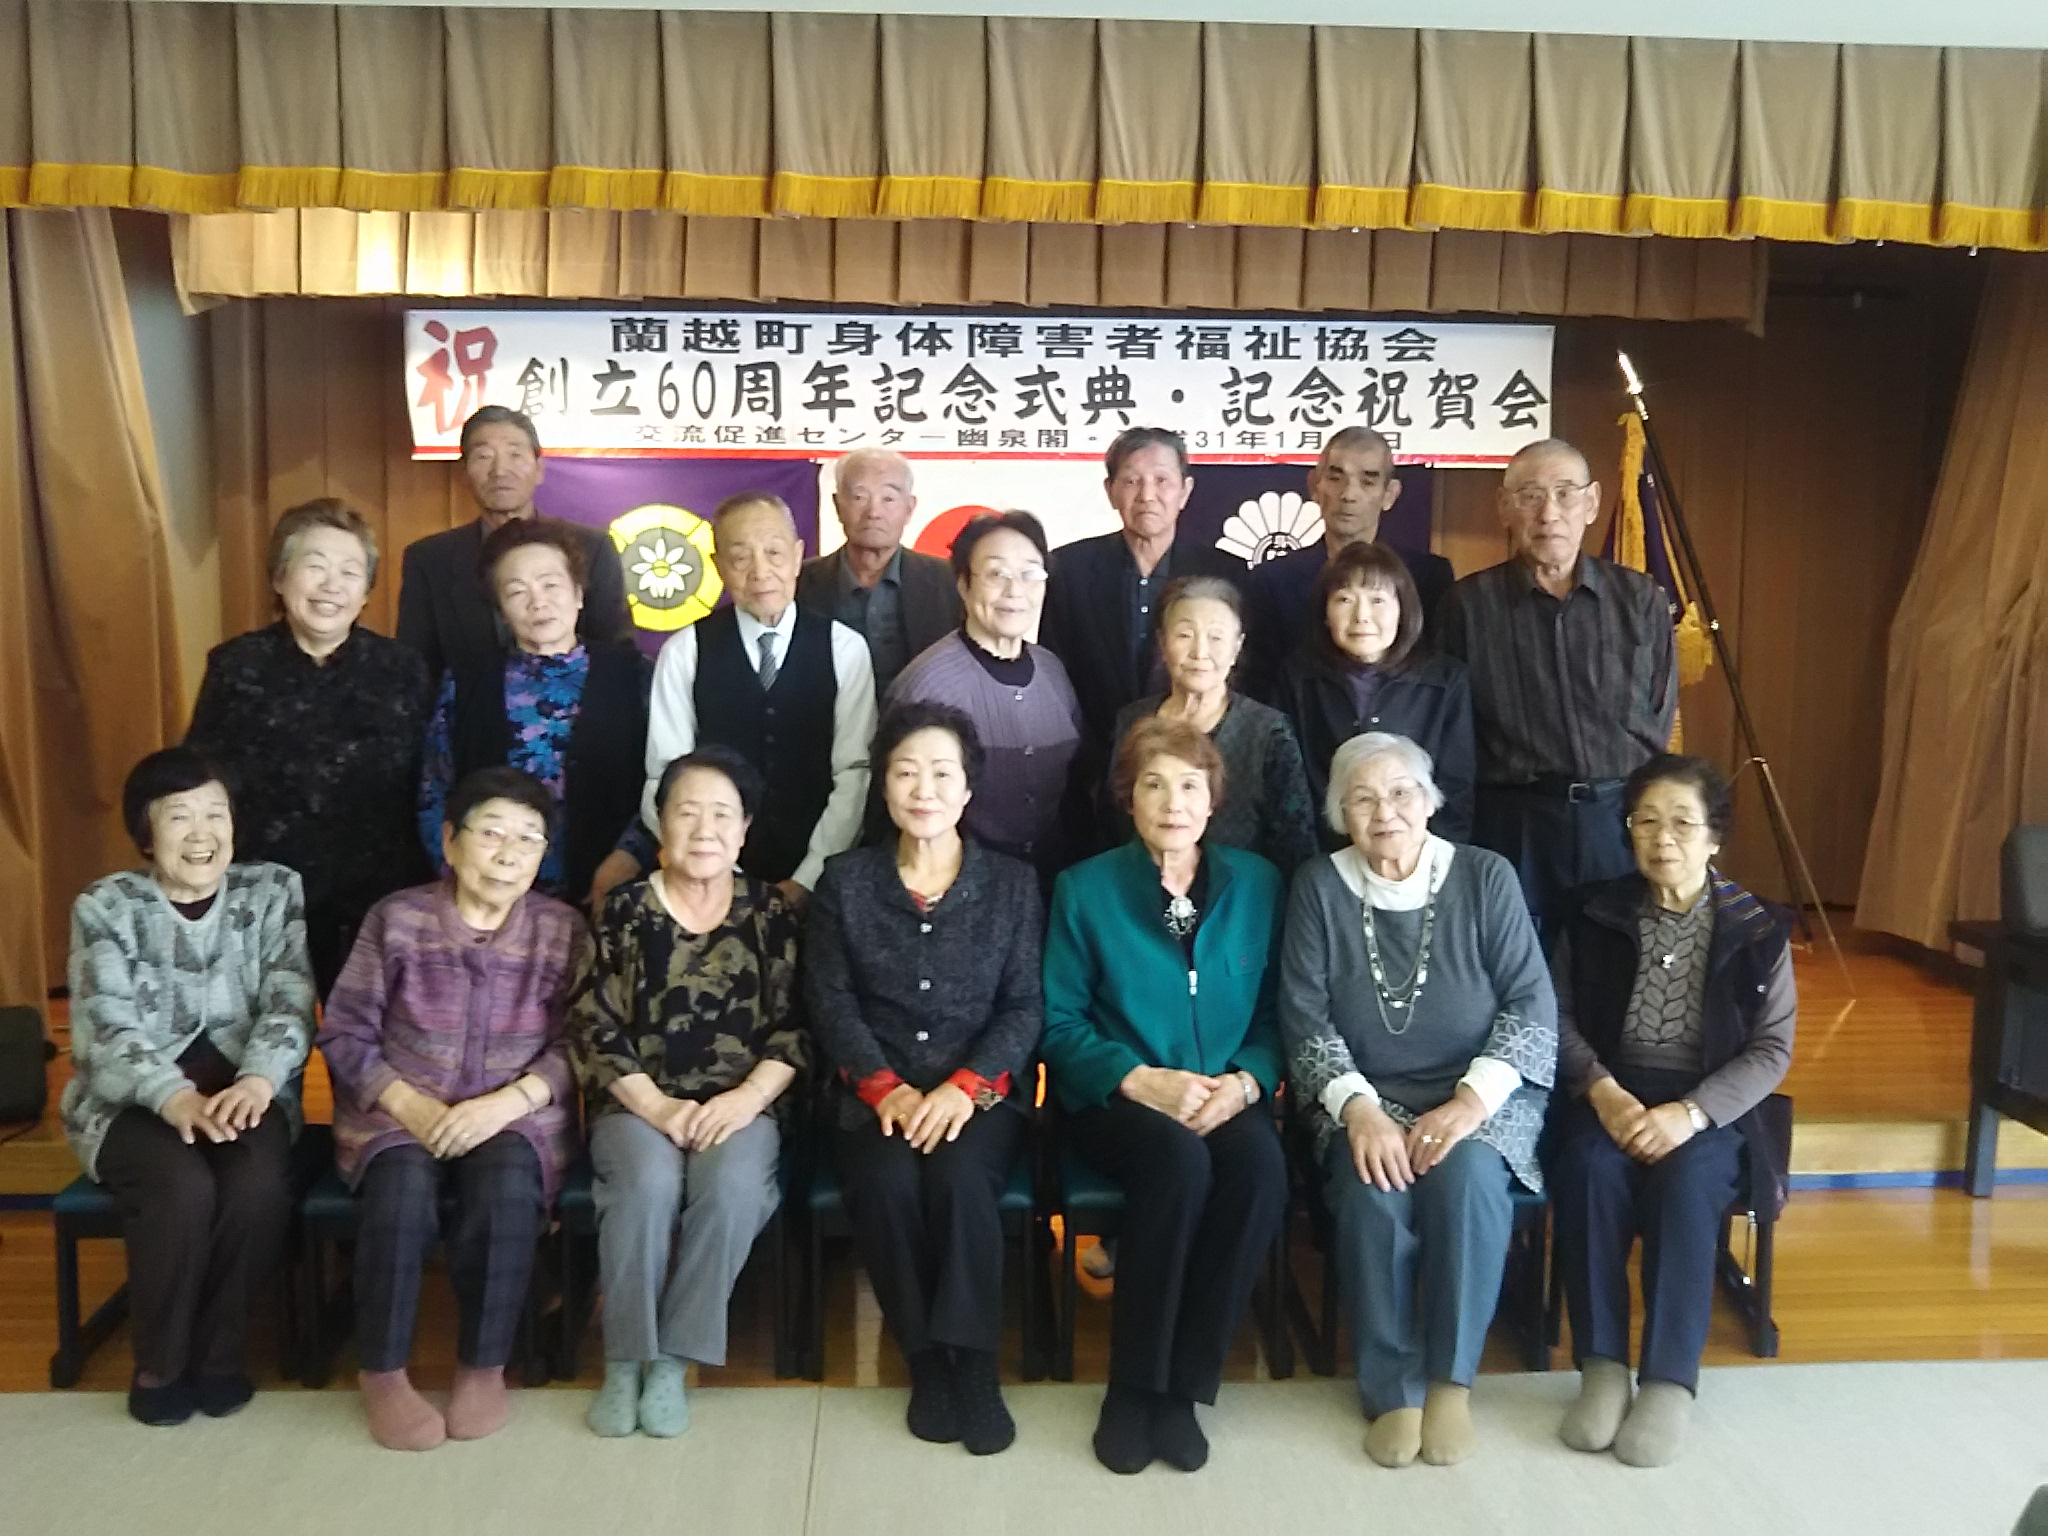 蘭越町身体障害者福祉協会創立60周年記念式典祝賀会終了